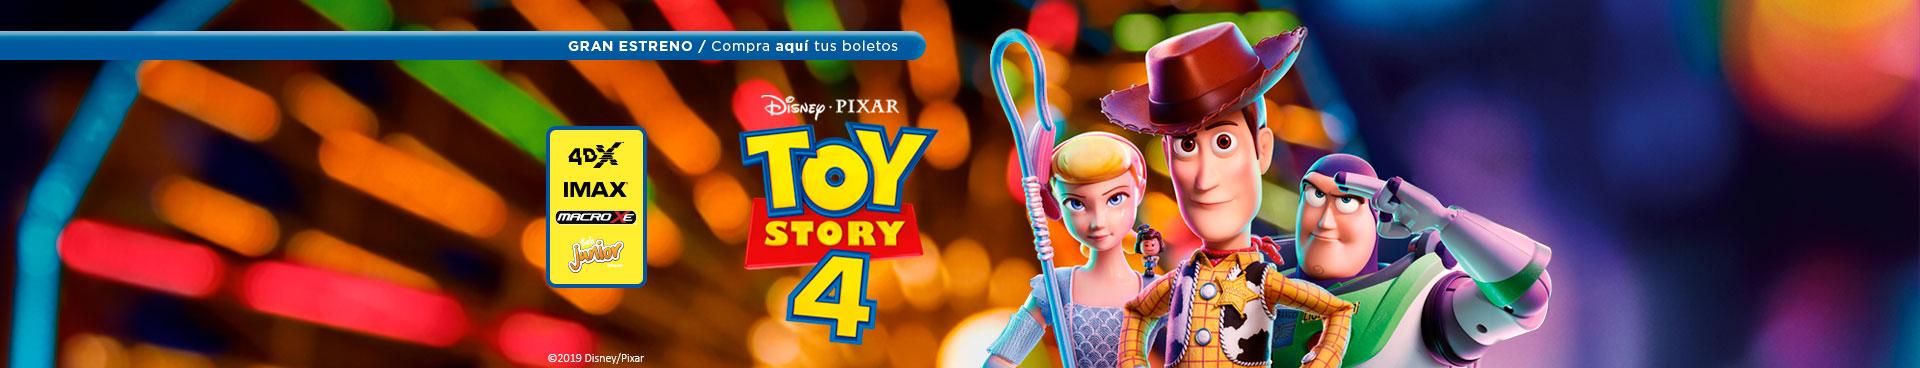 Gran estreno: Toy Story 4